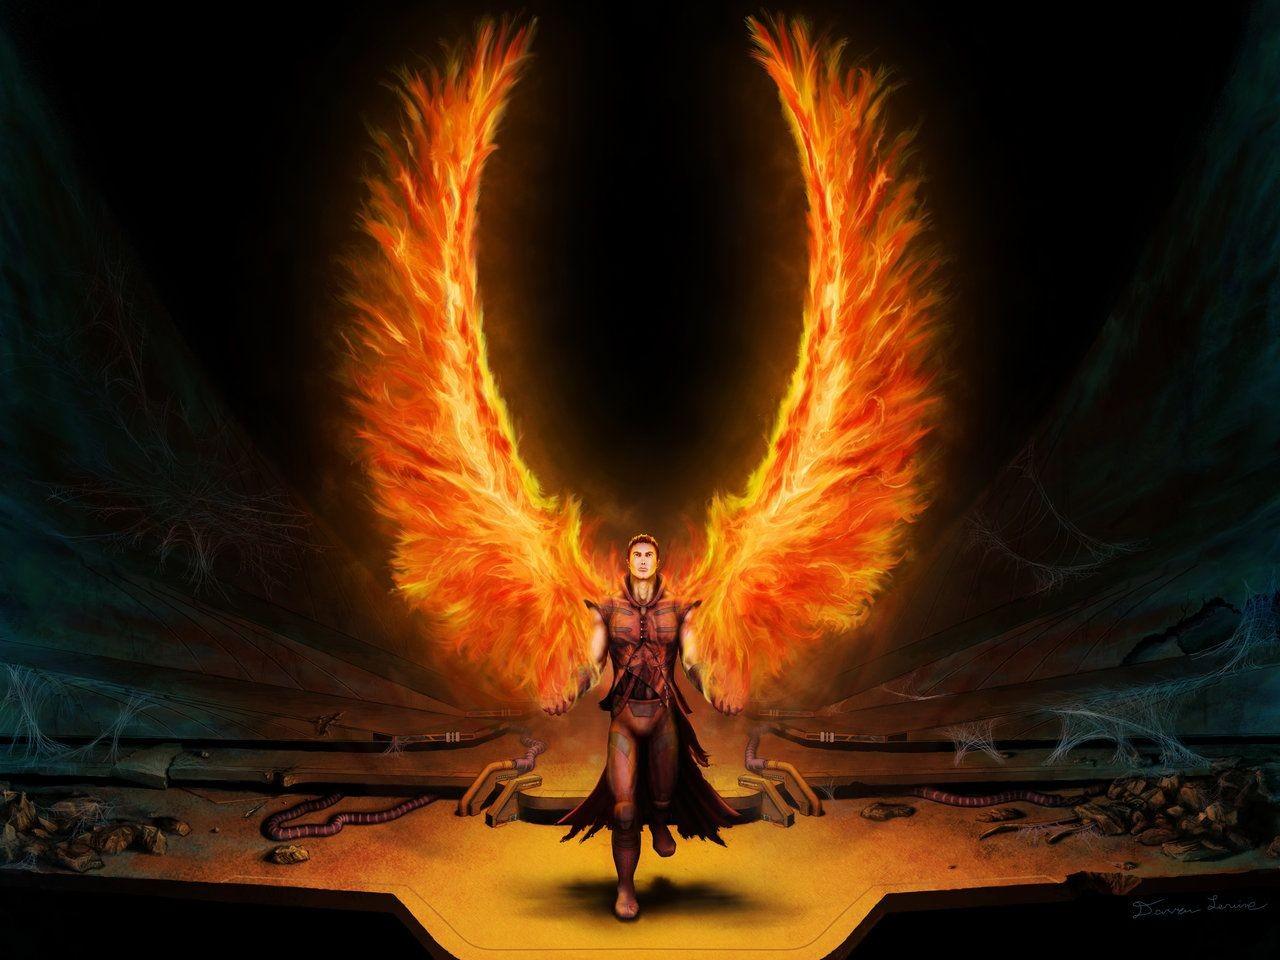 Angels Wings Wallpaper 1280x960 Angels Wings Fire Fantasy Art 1280x960